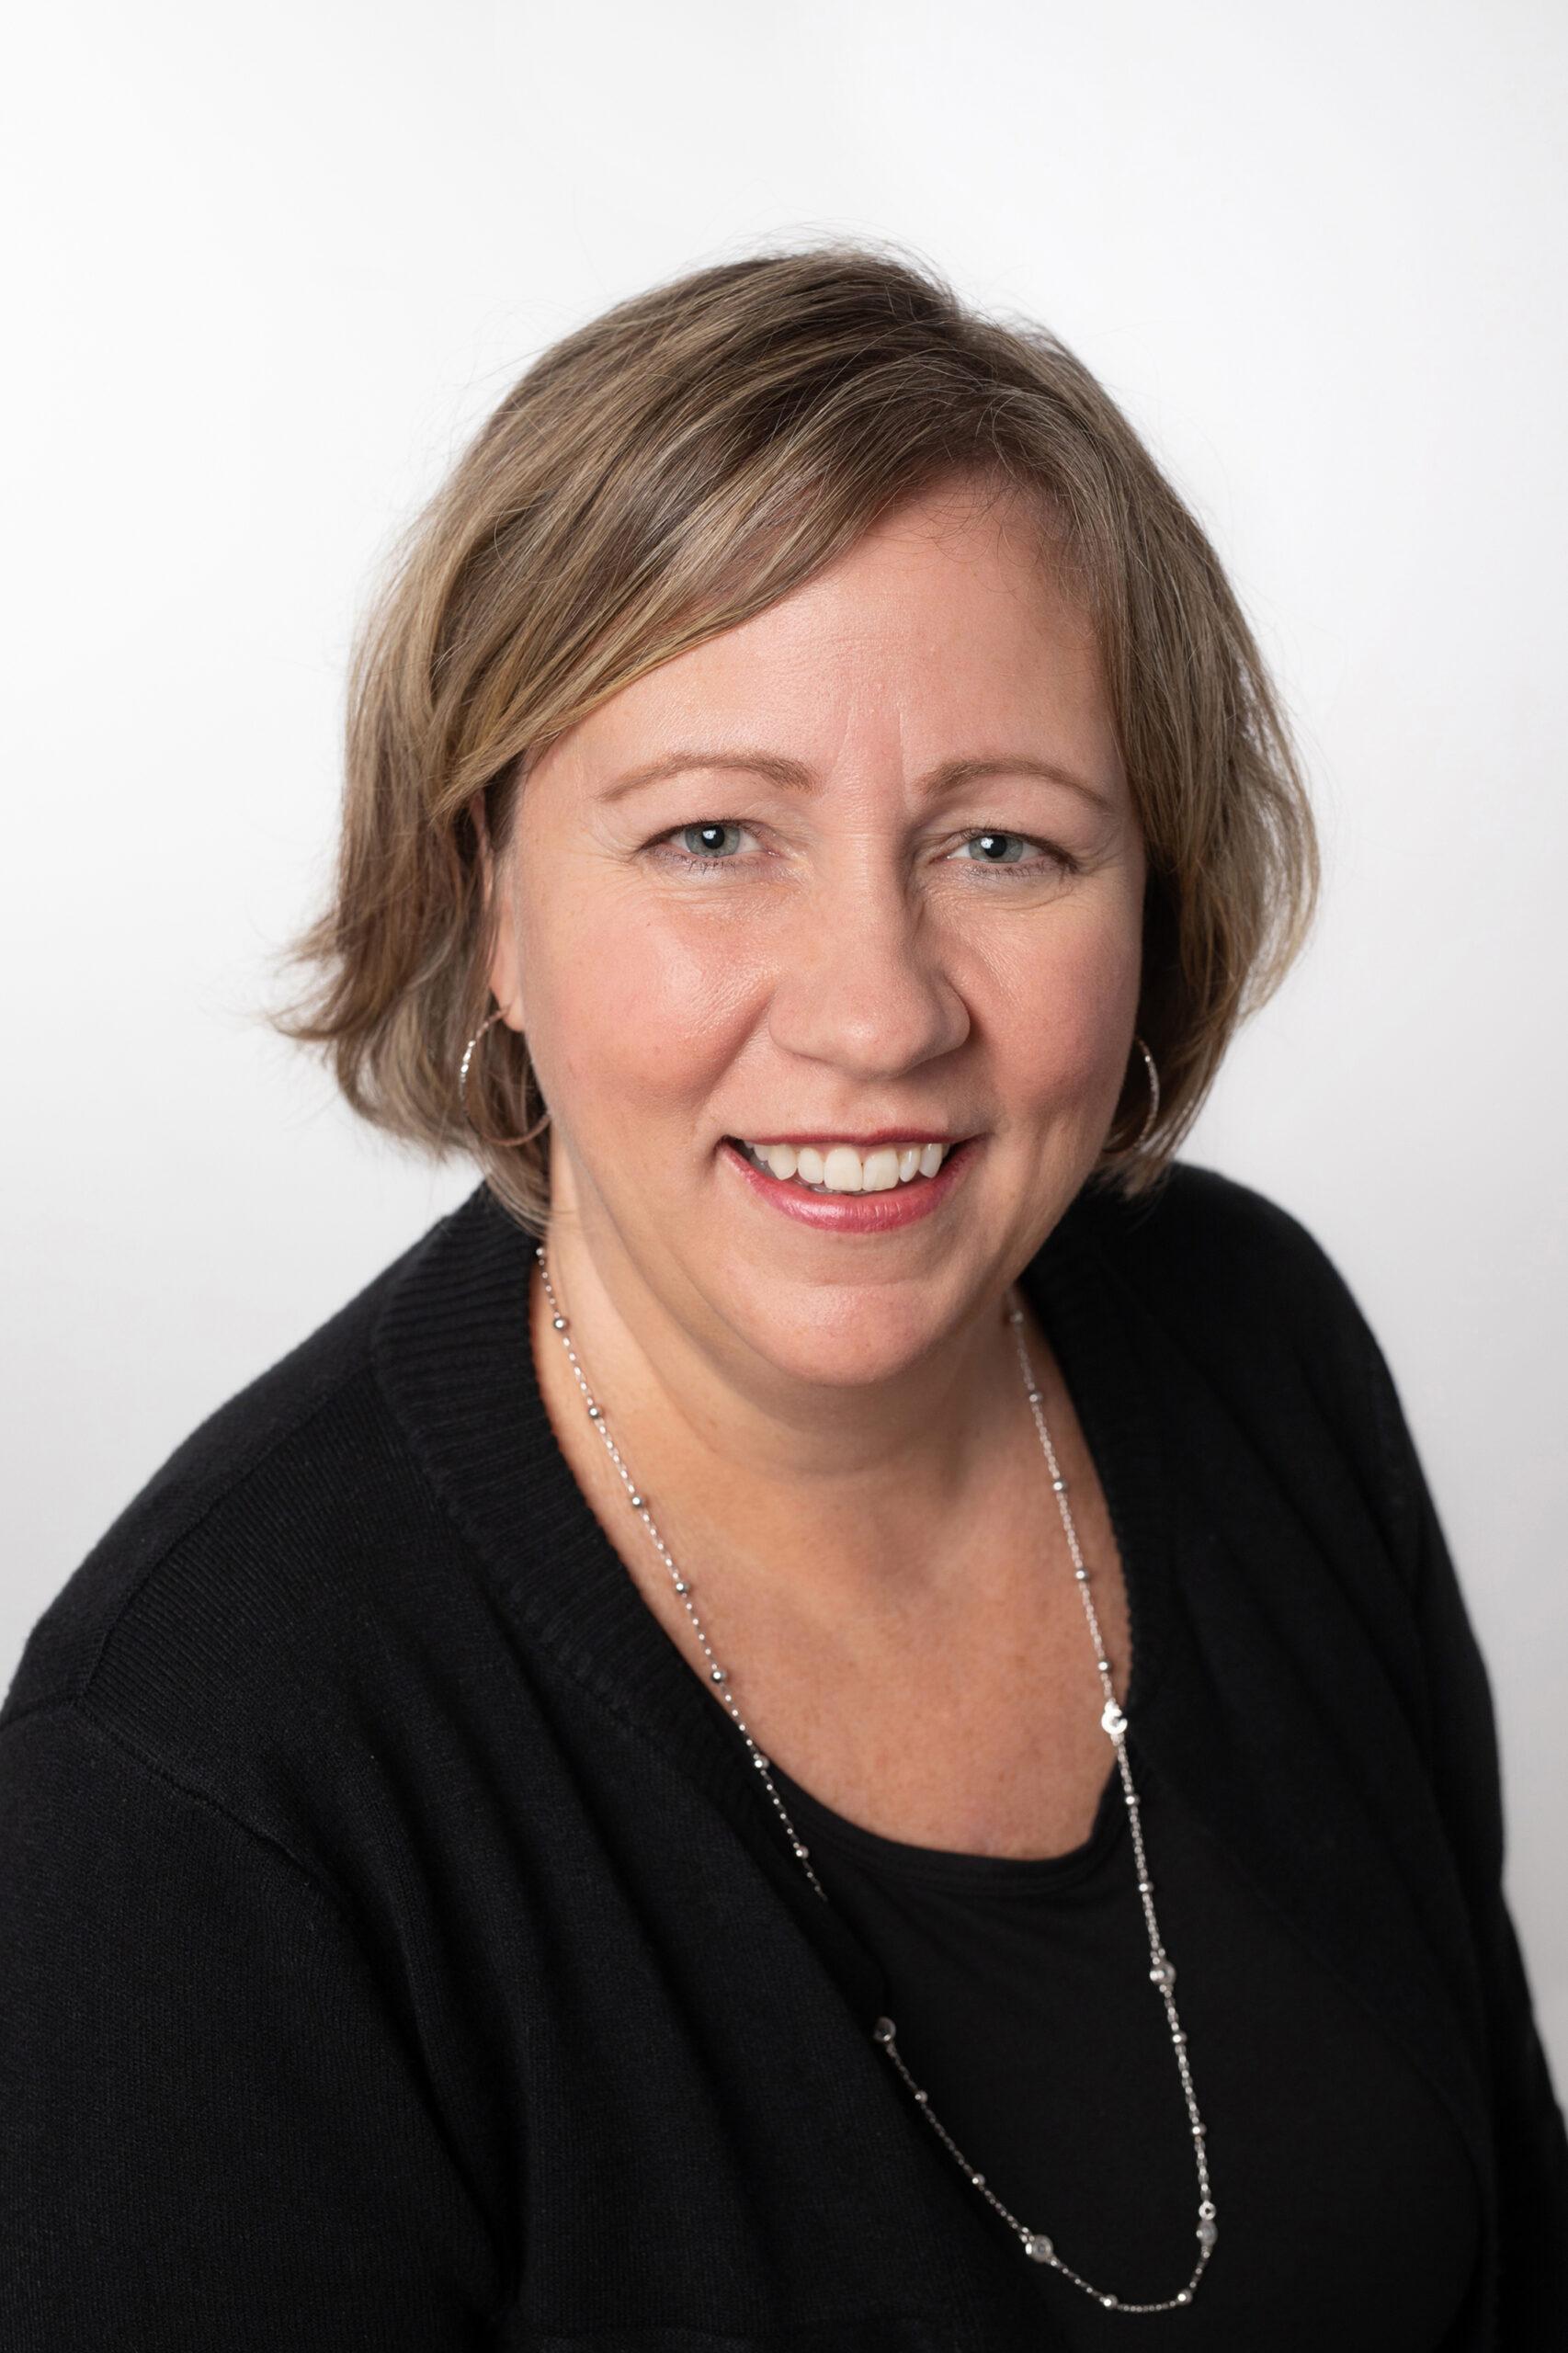 Denise Turnbull